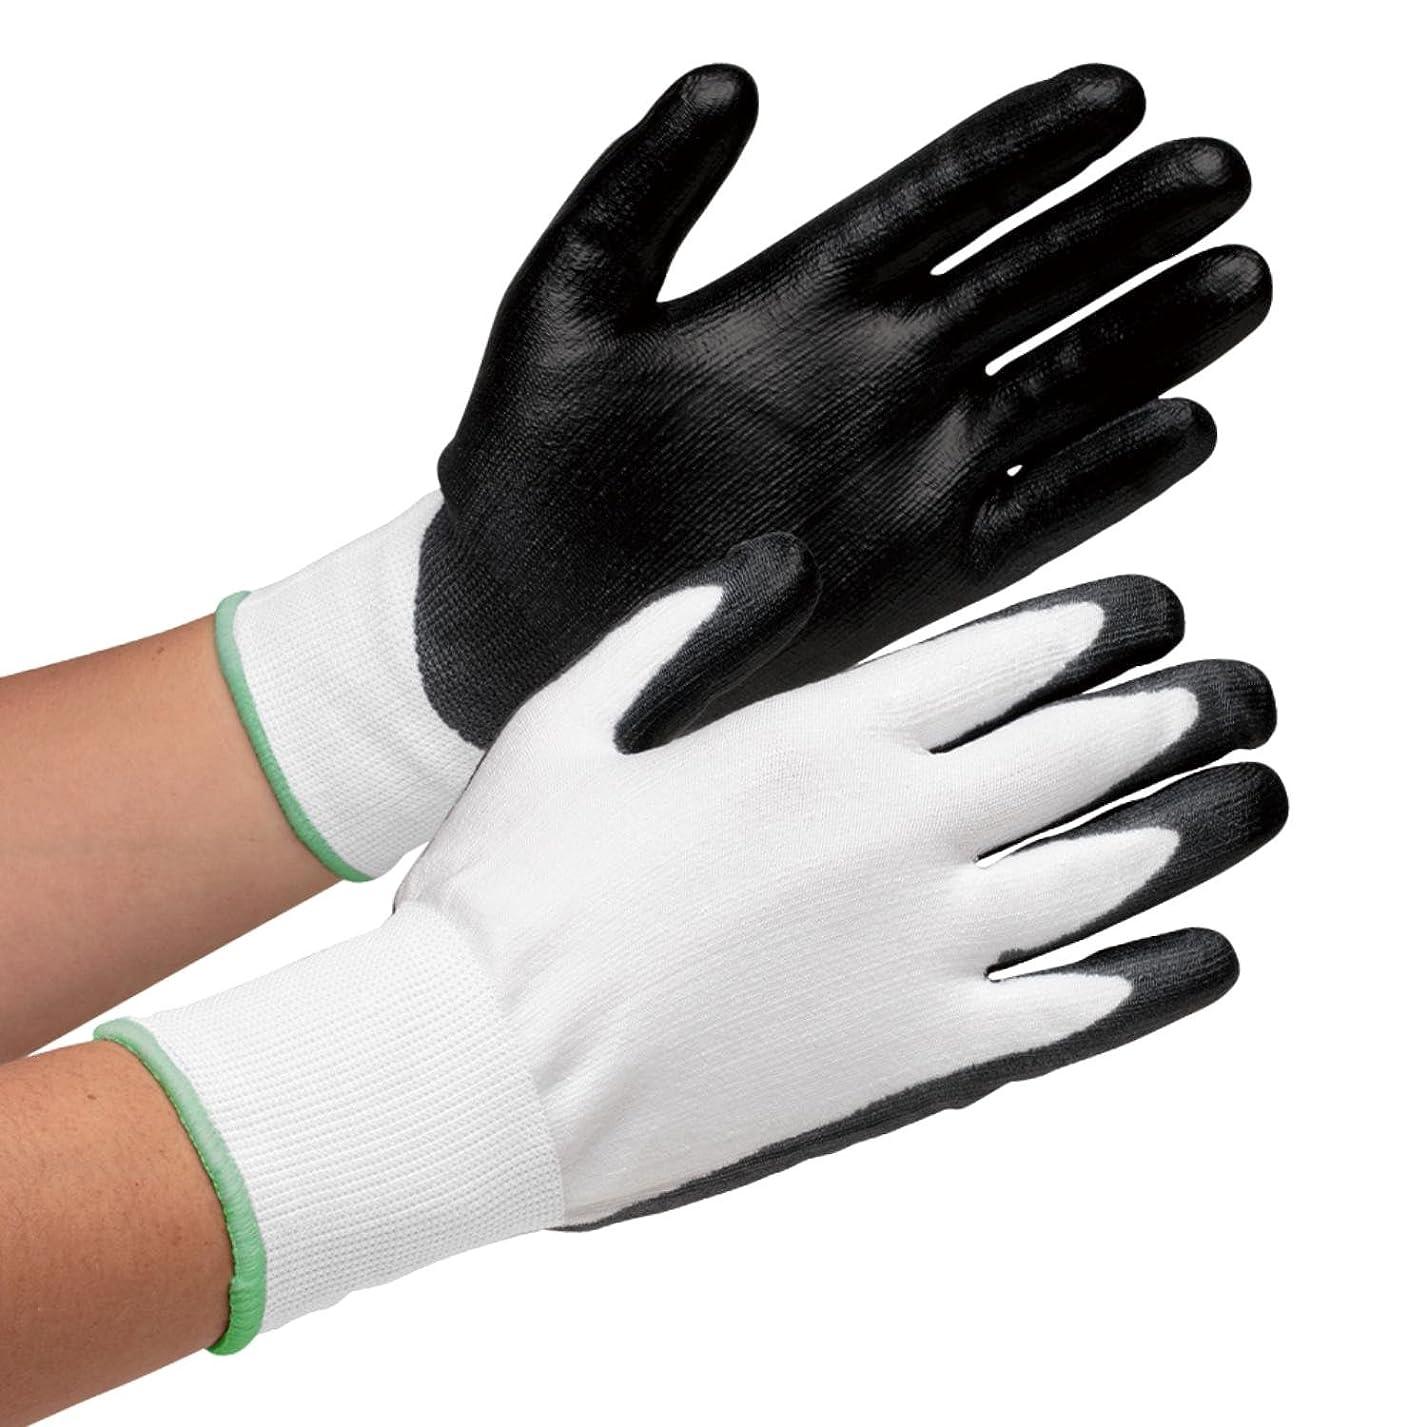 相談するアーサーコナンドイル複雑なミドリ安全 耐切創手袋 《高強力ポリエチレン繊維ツヌーガ》 カットガード130B (M/10双)